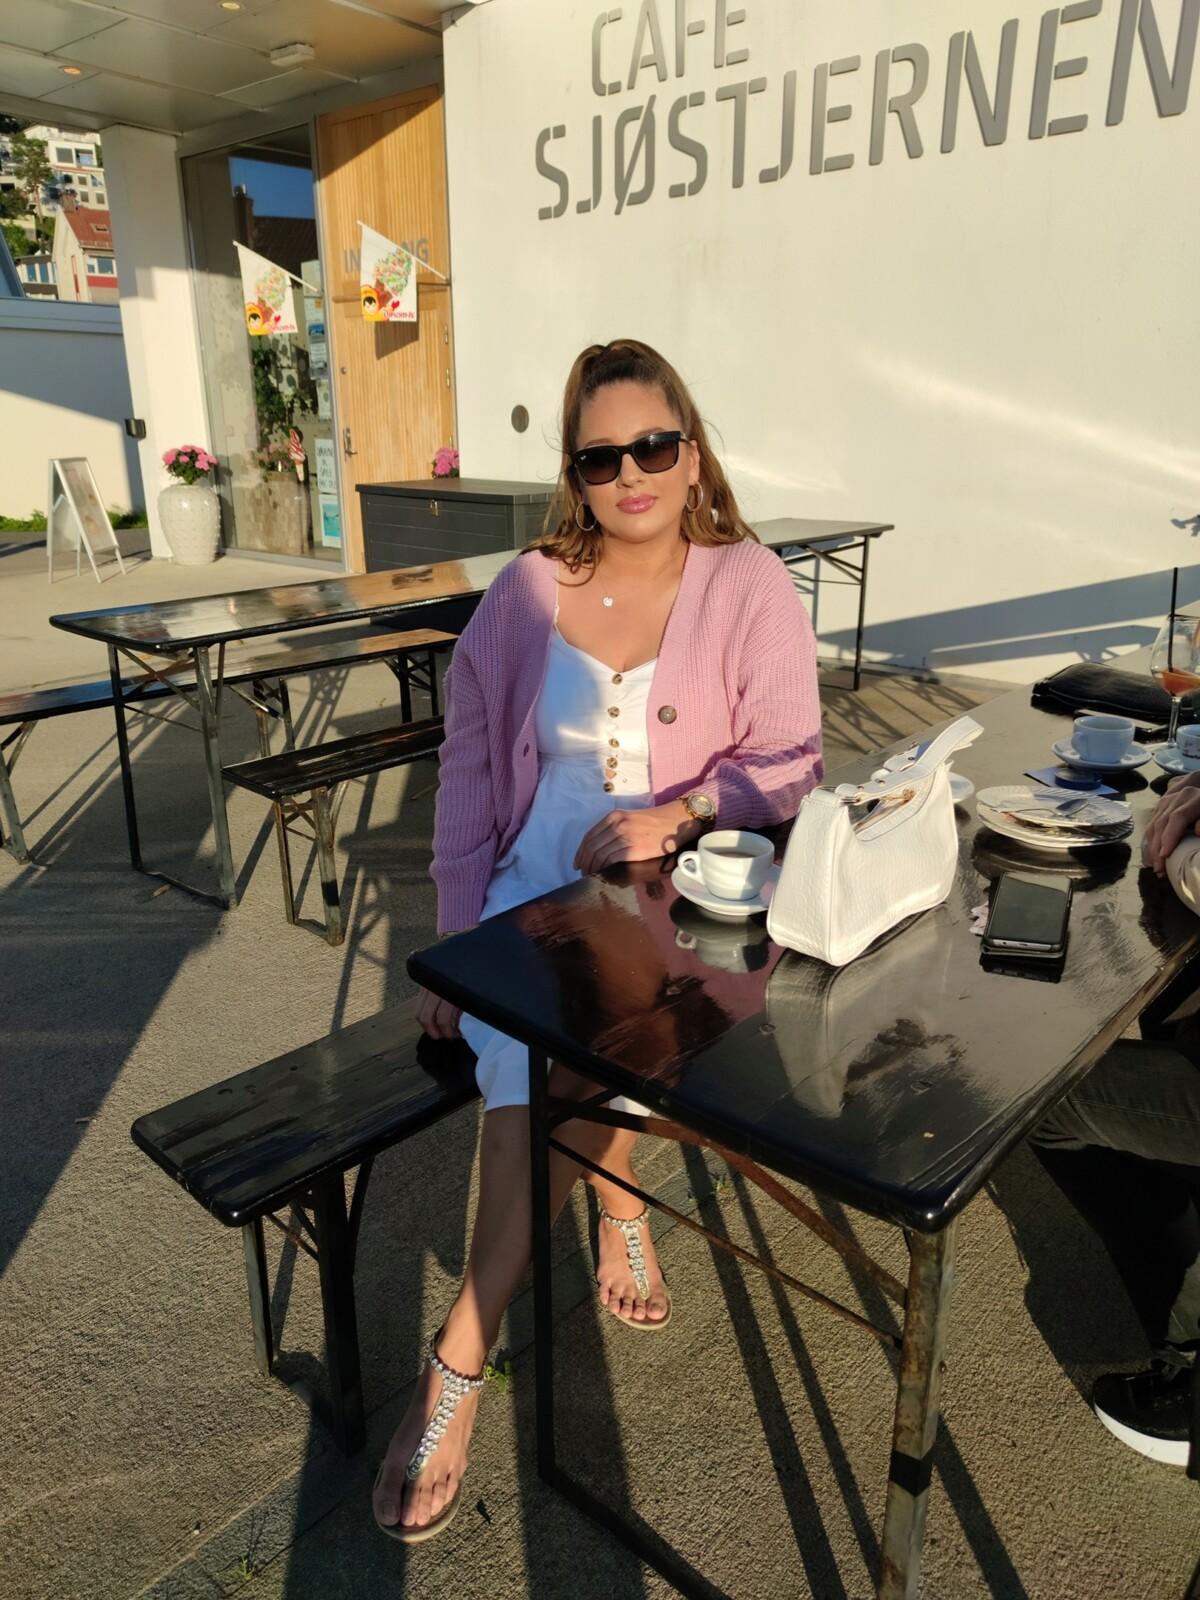 mote-trend-blogg-blogger-isalicious1-isalicious-isalicious.blogg.no-skjønnhet-stil-outfit-antrekk-mat-restaurant-mindag-utsikt-drøbak-cafesjøstjernen-fishandchips-veske-newin-softis-sommer-vårruller-drøbakhavn